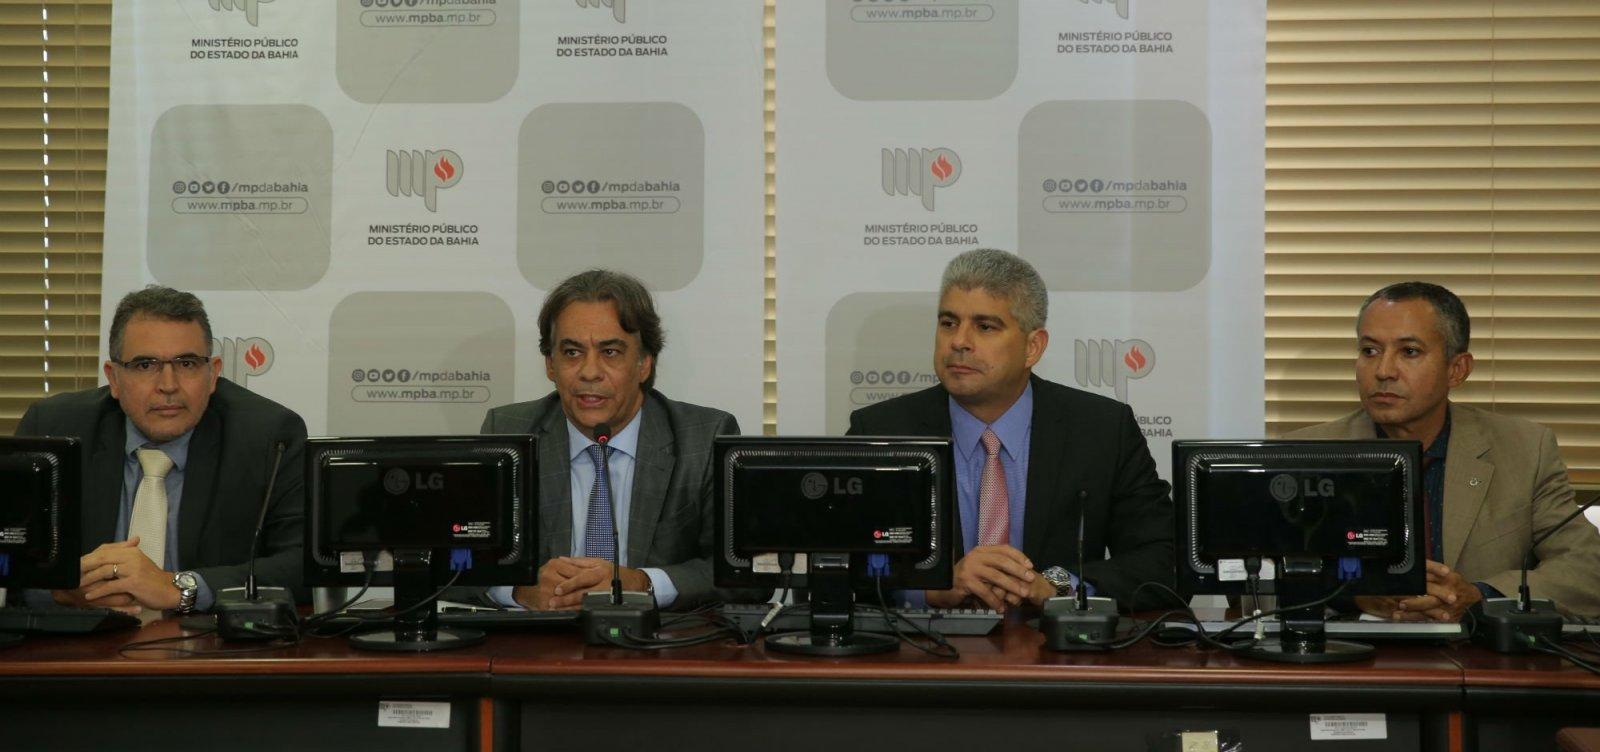 [Aspra pode estar envolvida em ataques ocorridos após anúncio de greve da PM, diz secretário]